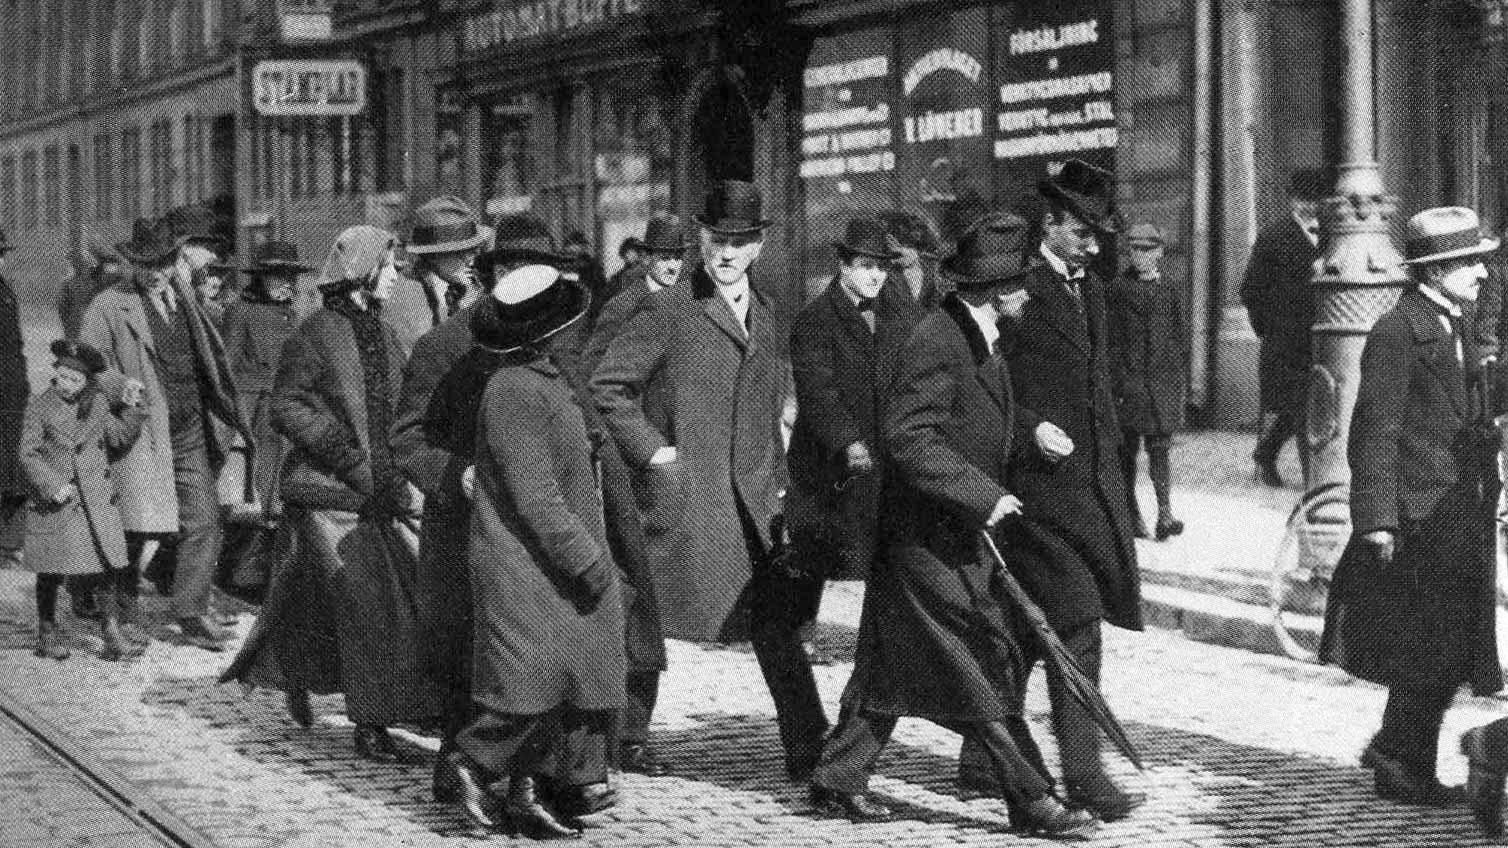 Как переехать в чехию на пмж: порядок эмиграции из россии в 2021 году